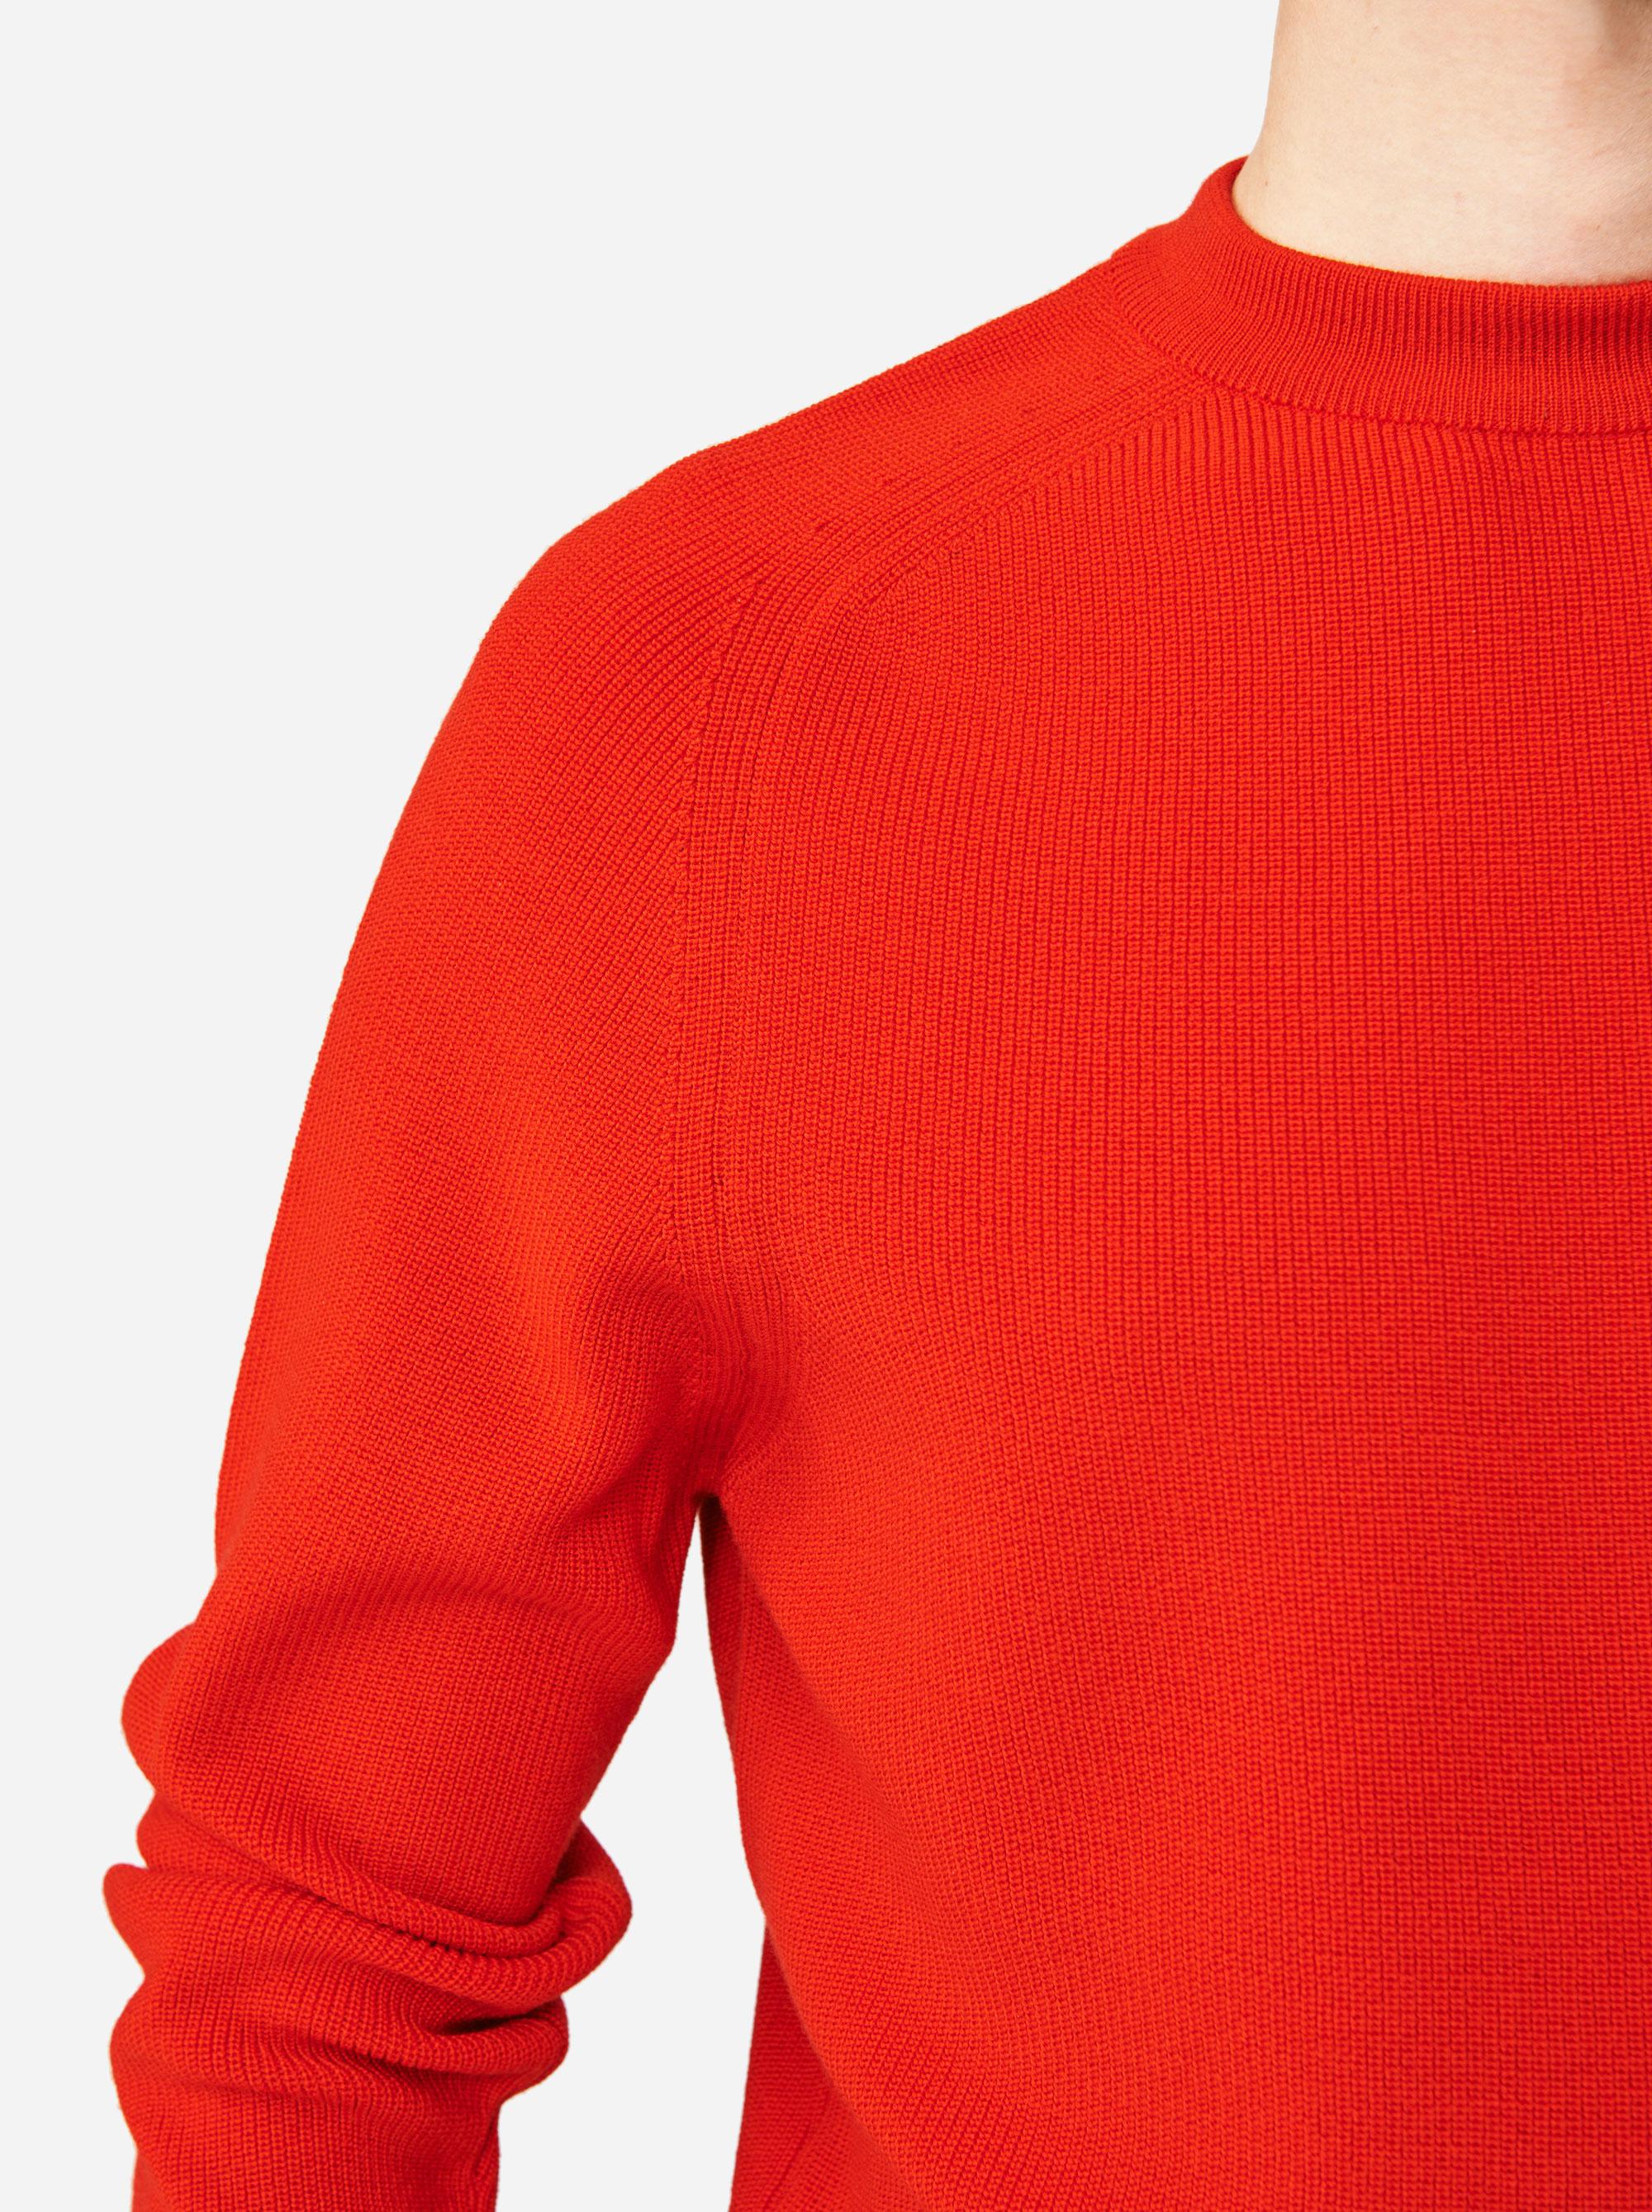 Teym - The Merino Sweater - Men - Red - 3